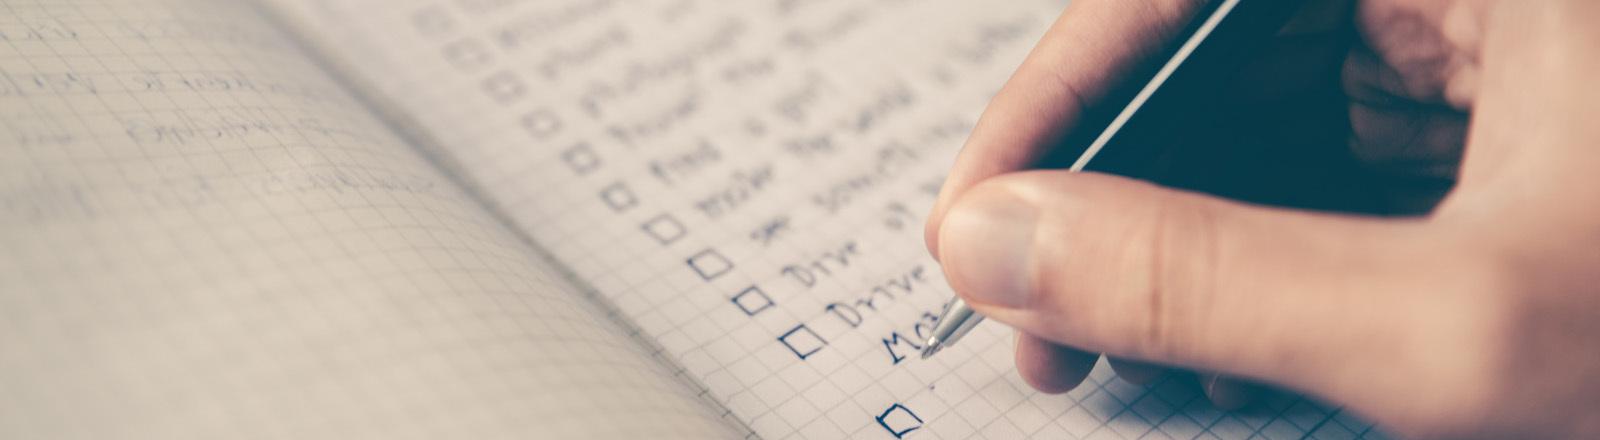 Eine To-Do-Liste wird geschrieben